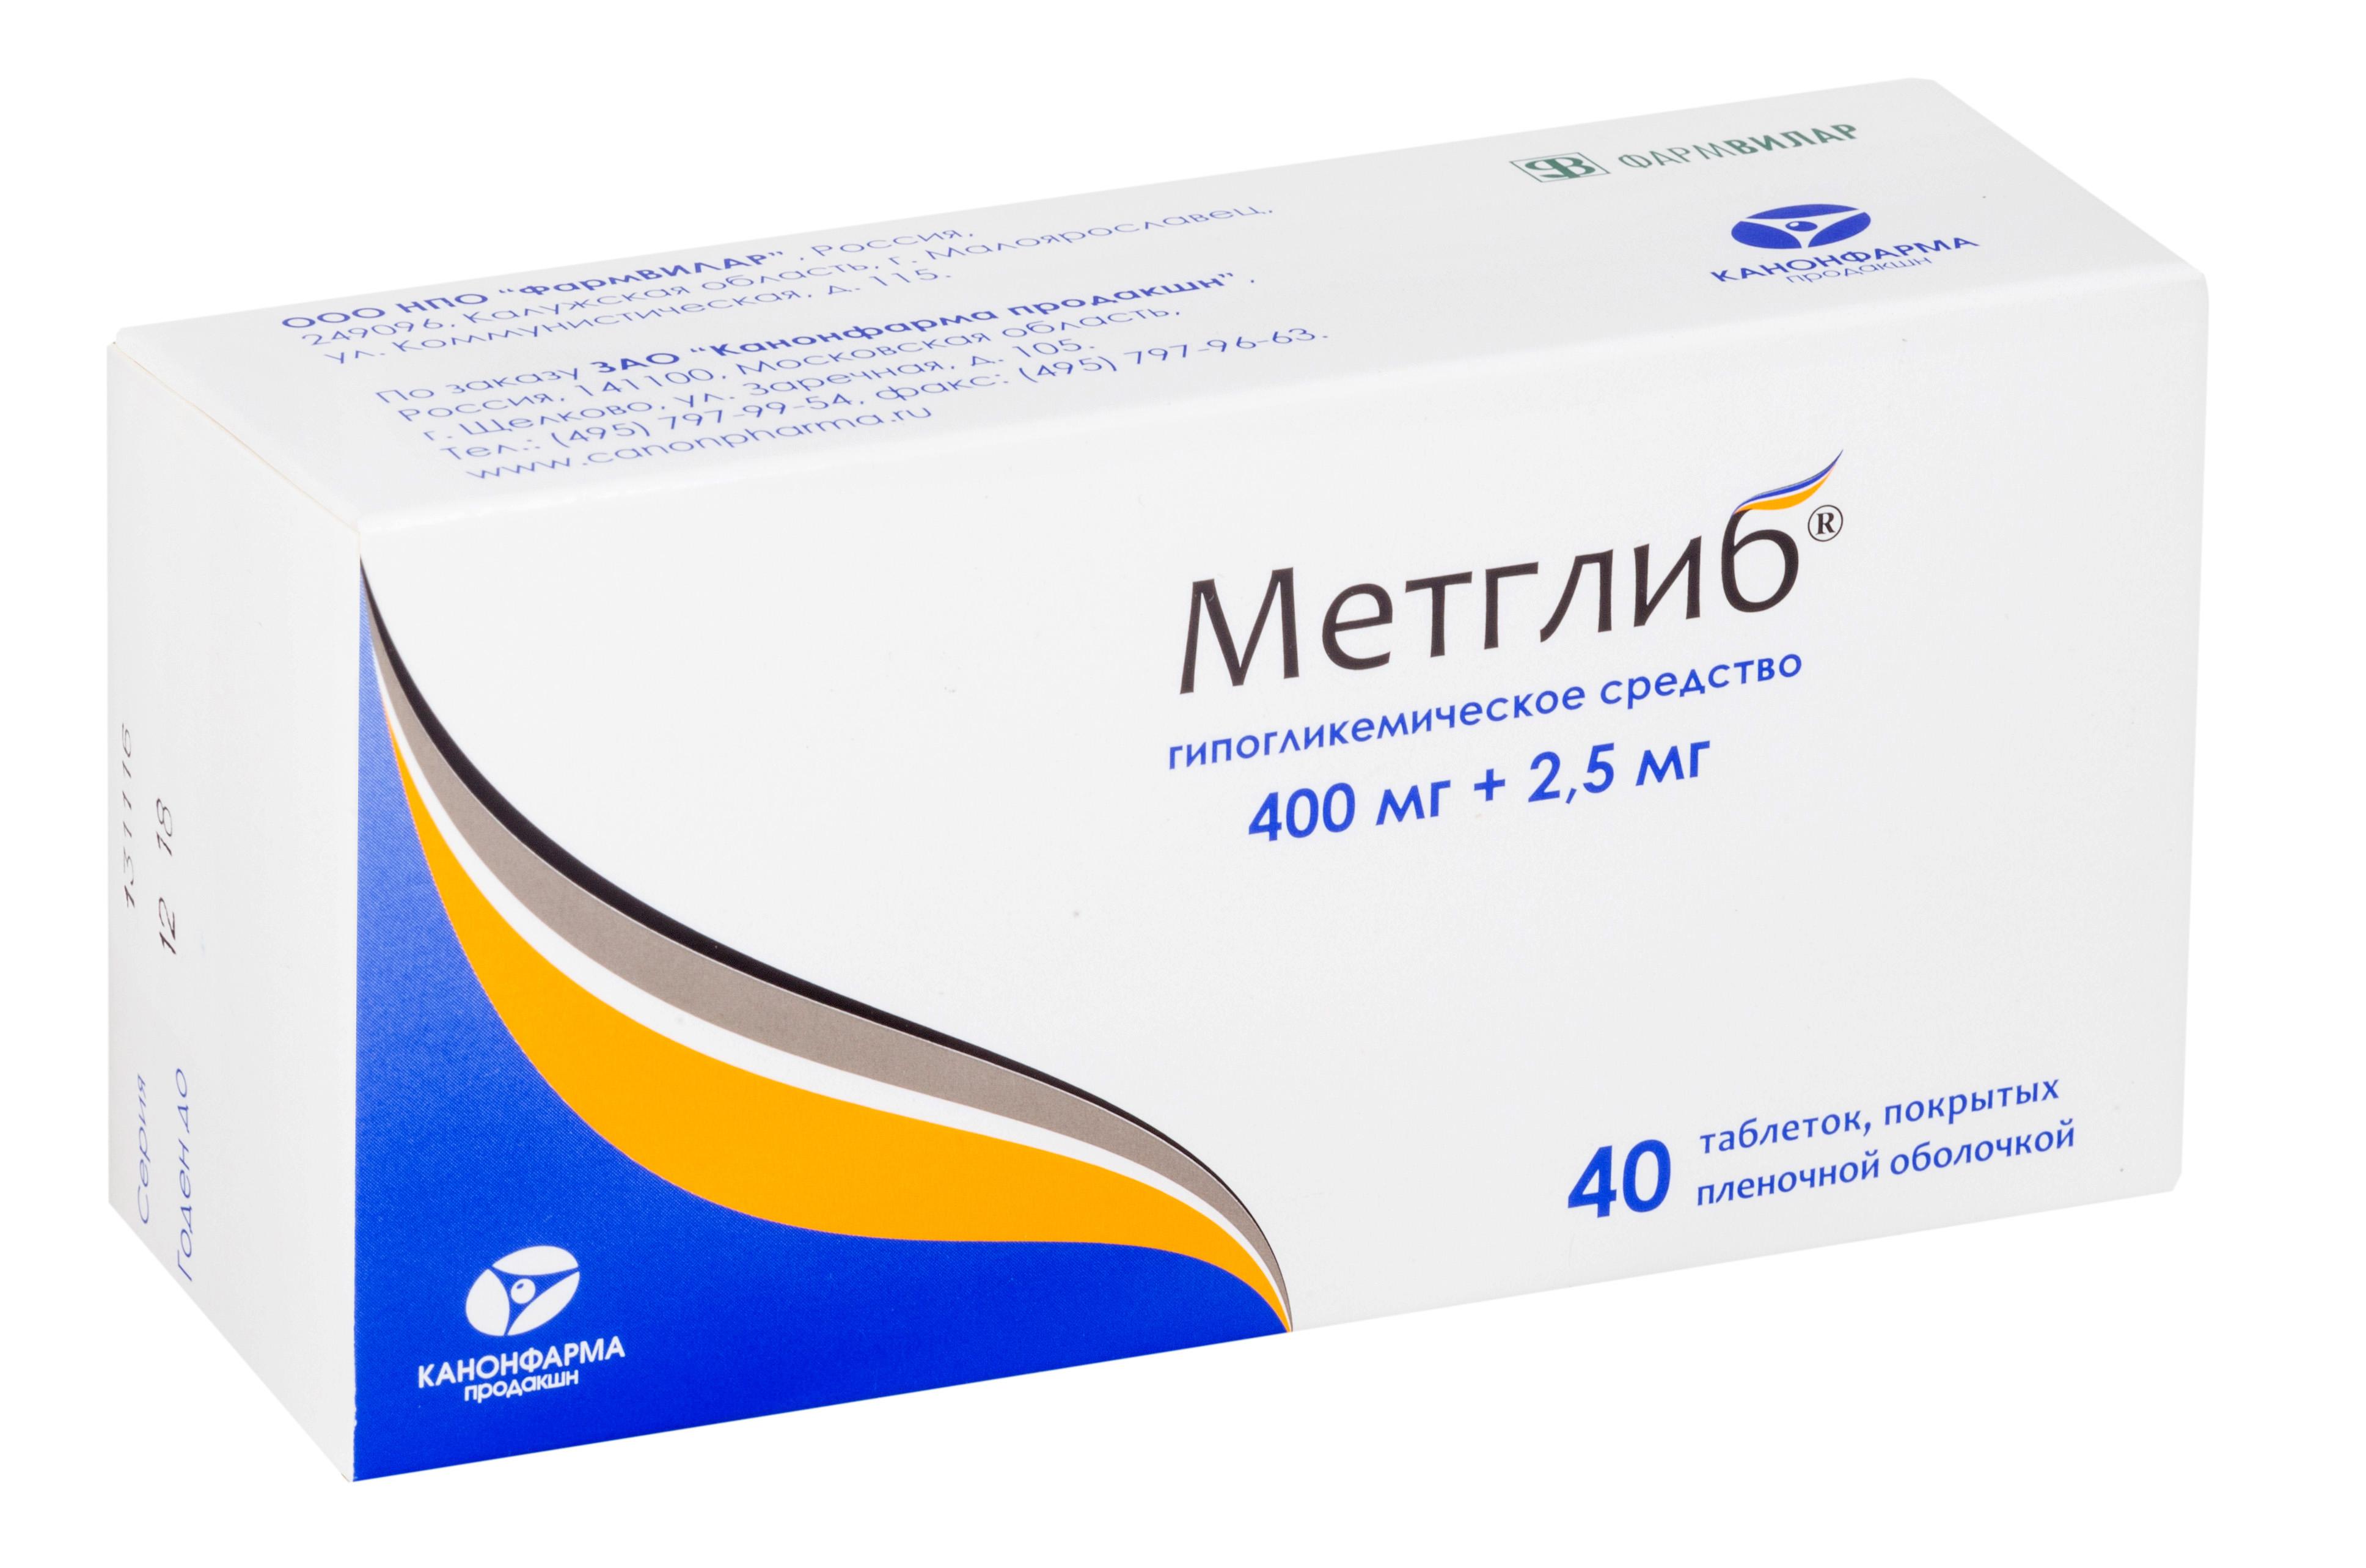 Метглиб таб. п/о плён. 400мг+2,5мг №40